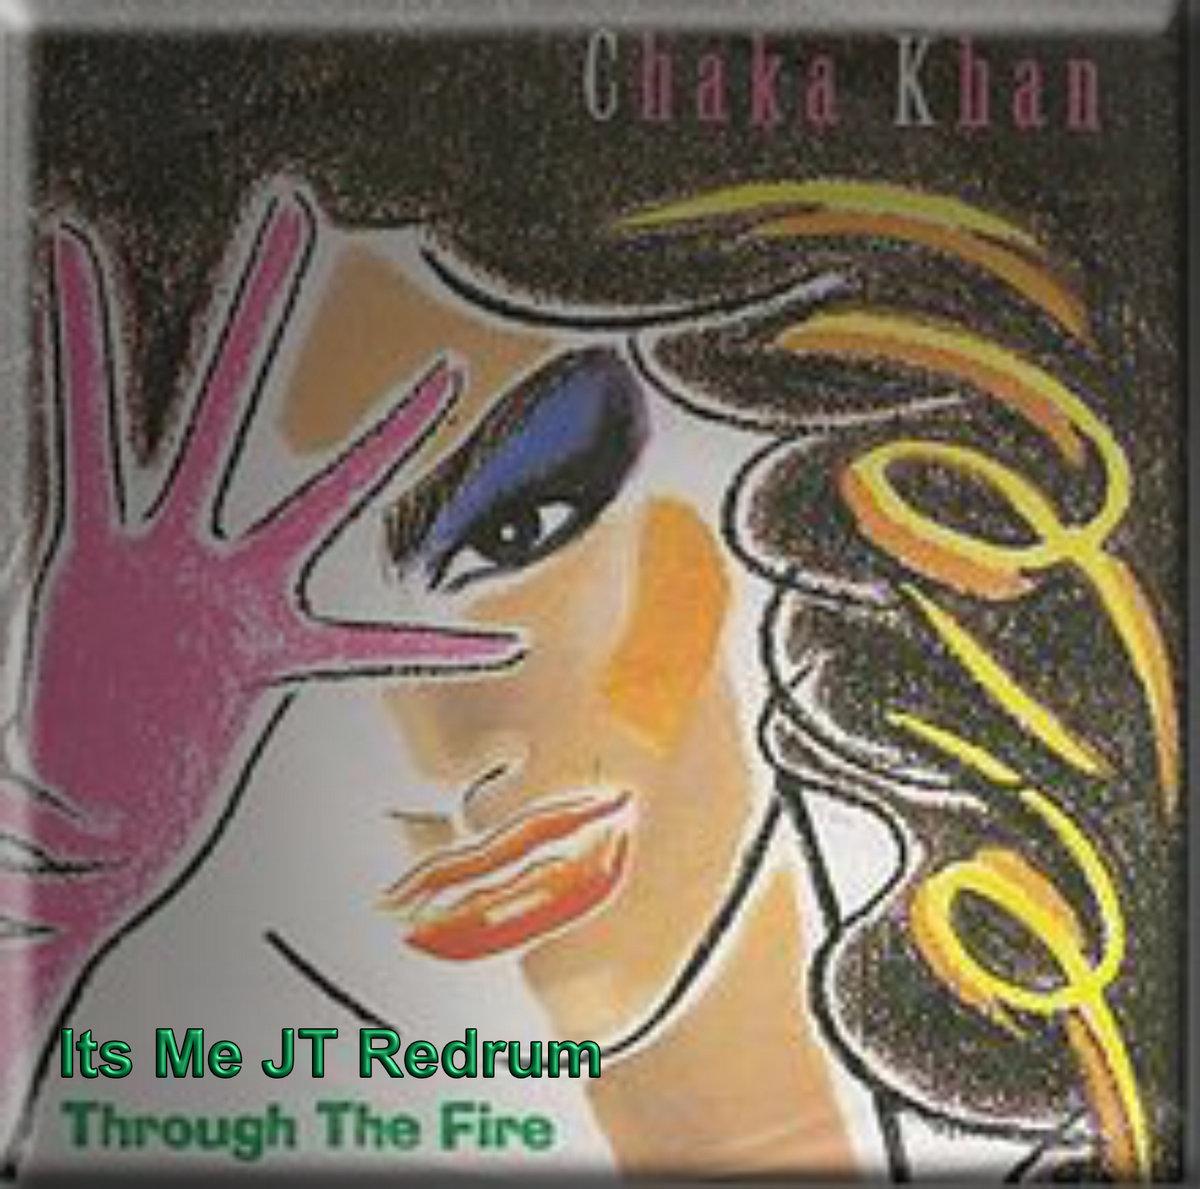 download lagu chaka khan through the fire